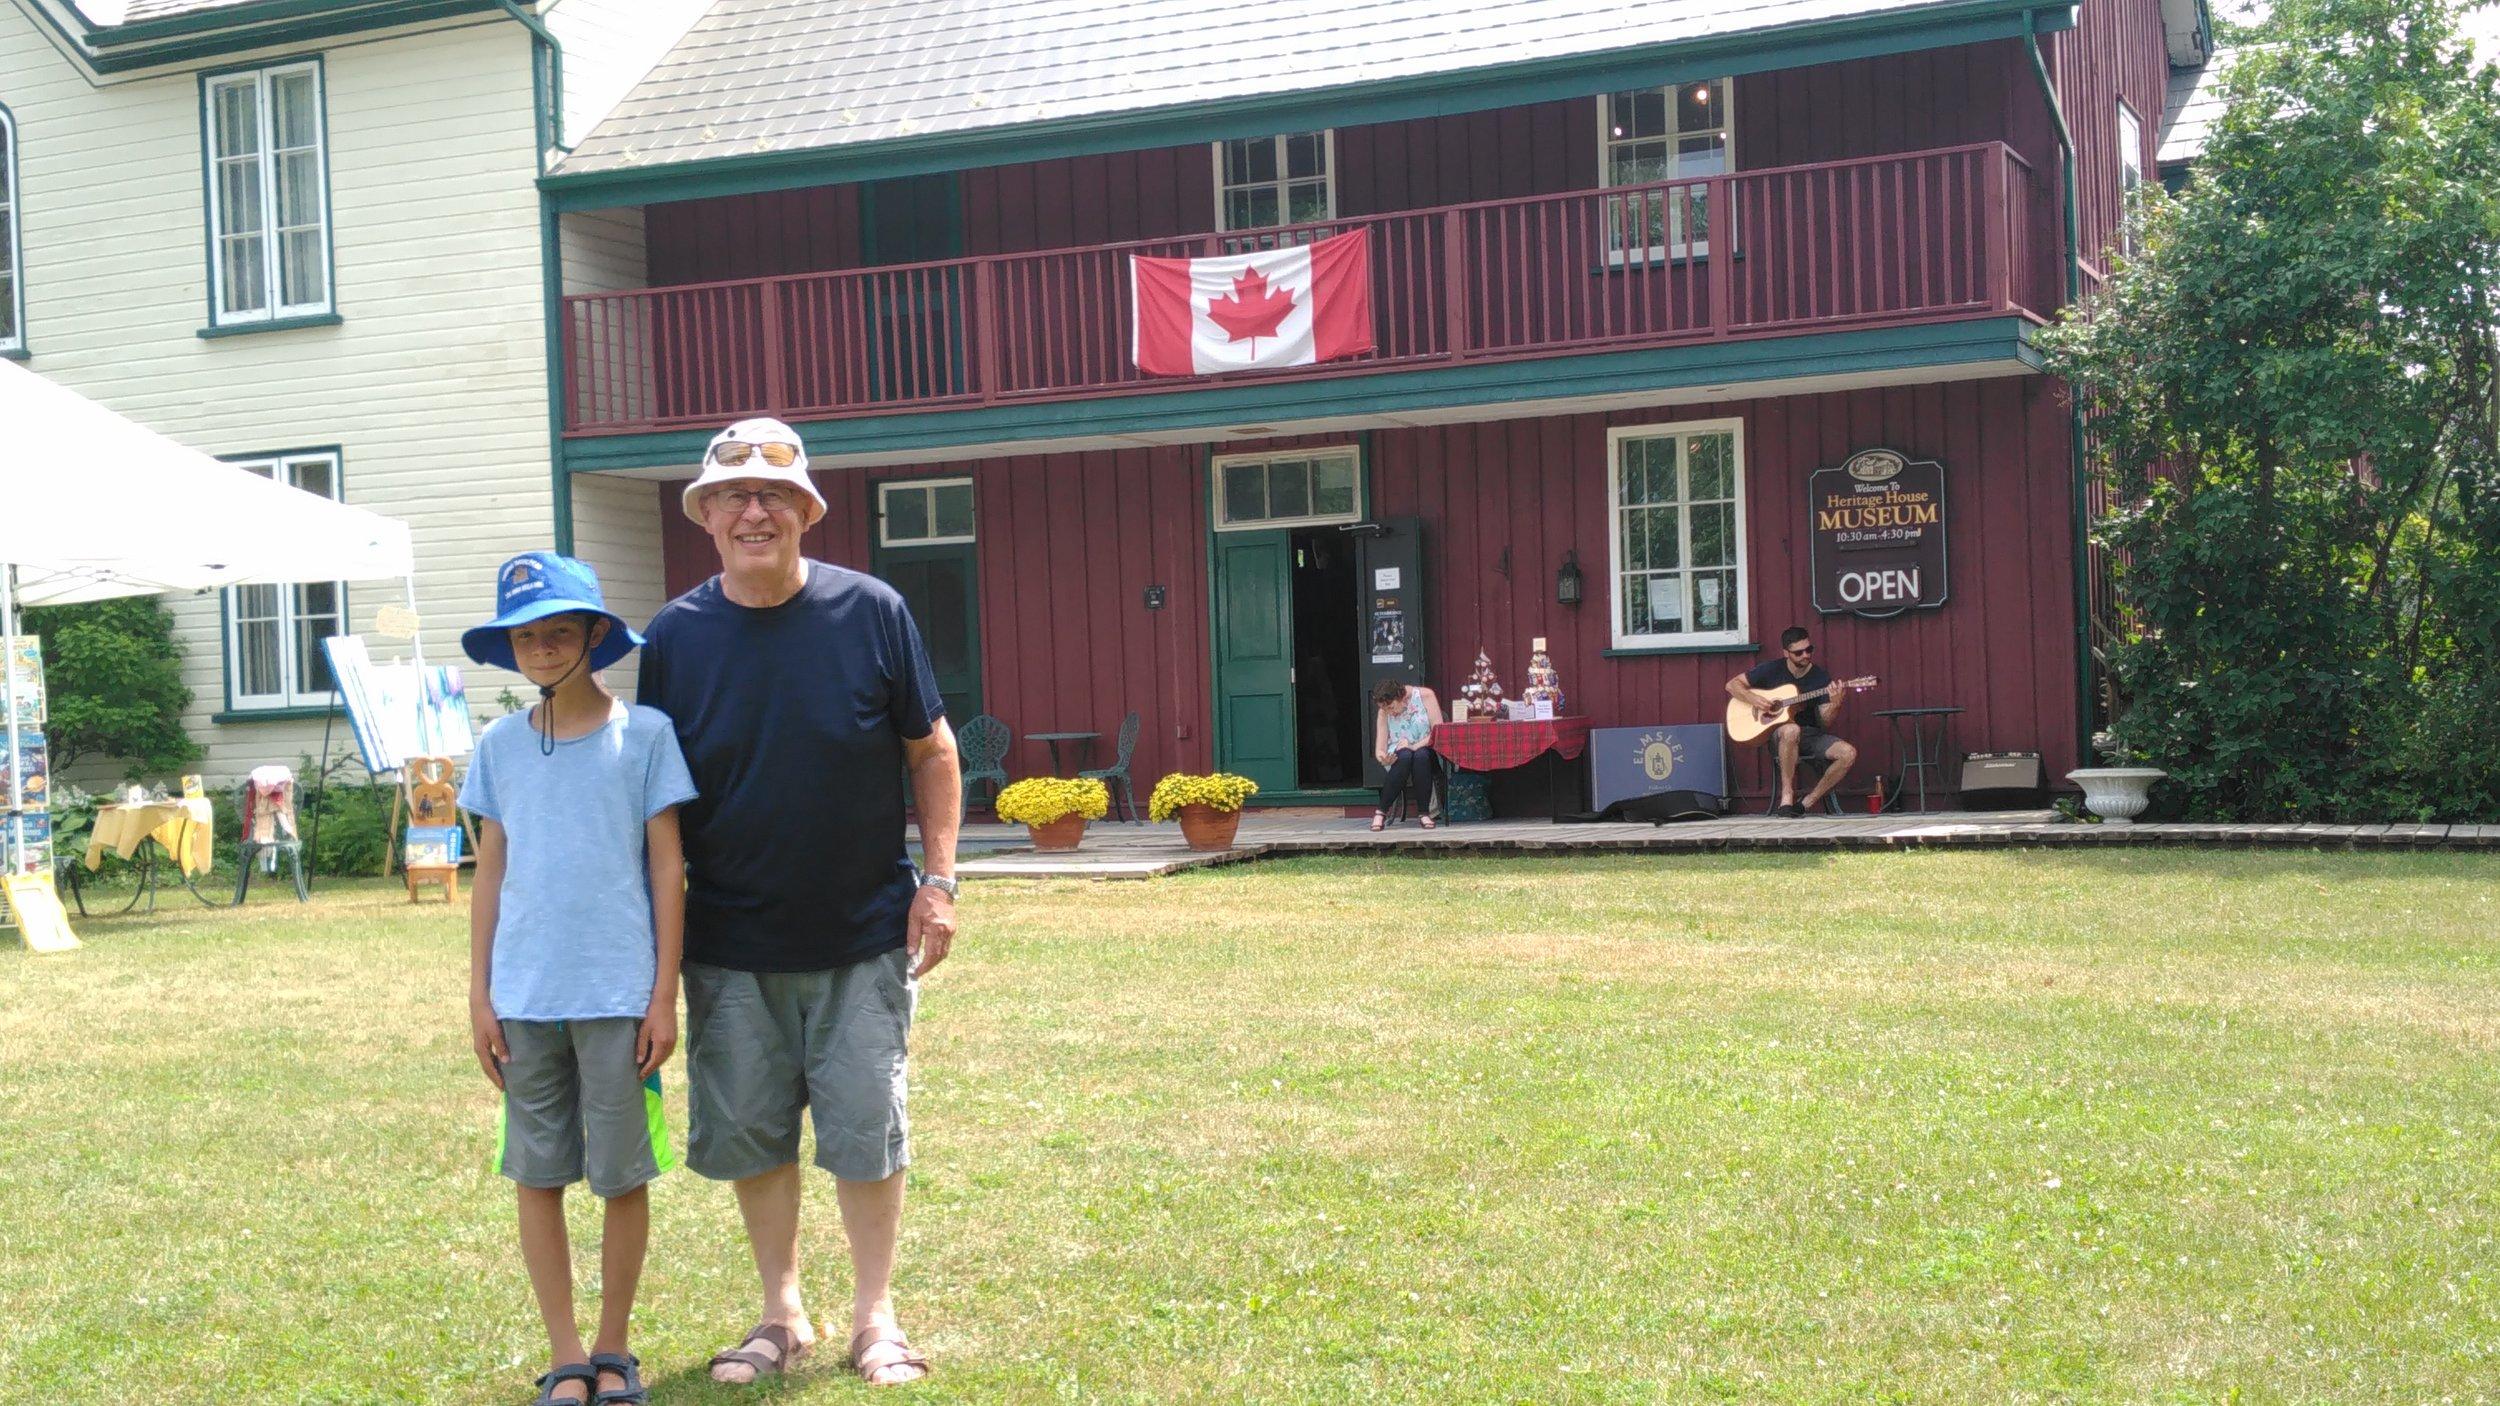 Heritage House - Smiths Falls, Ontario